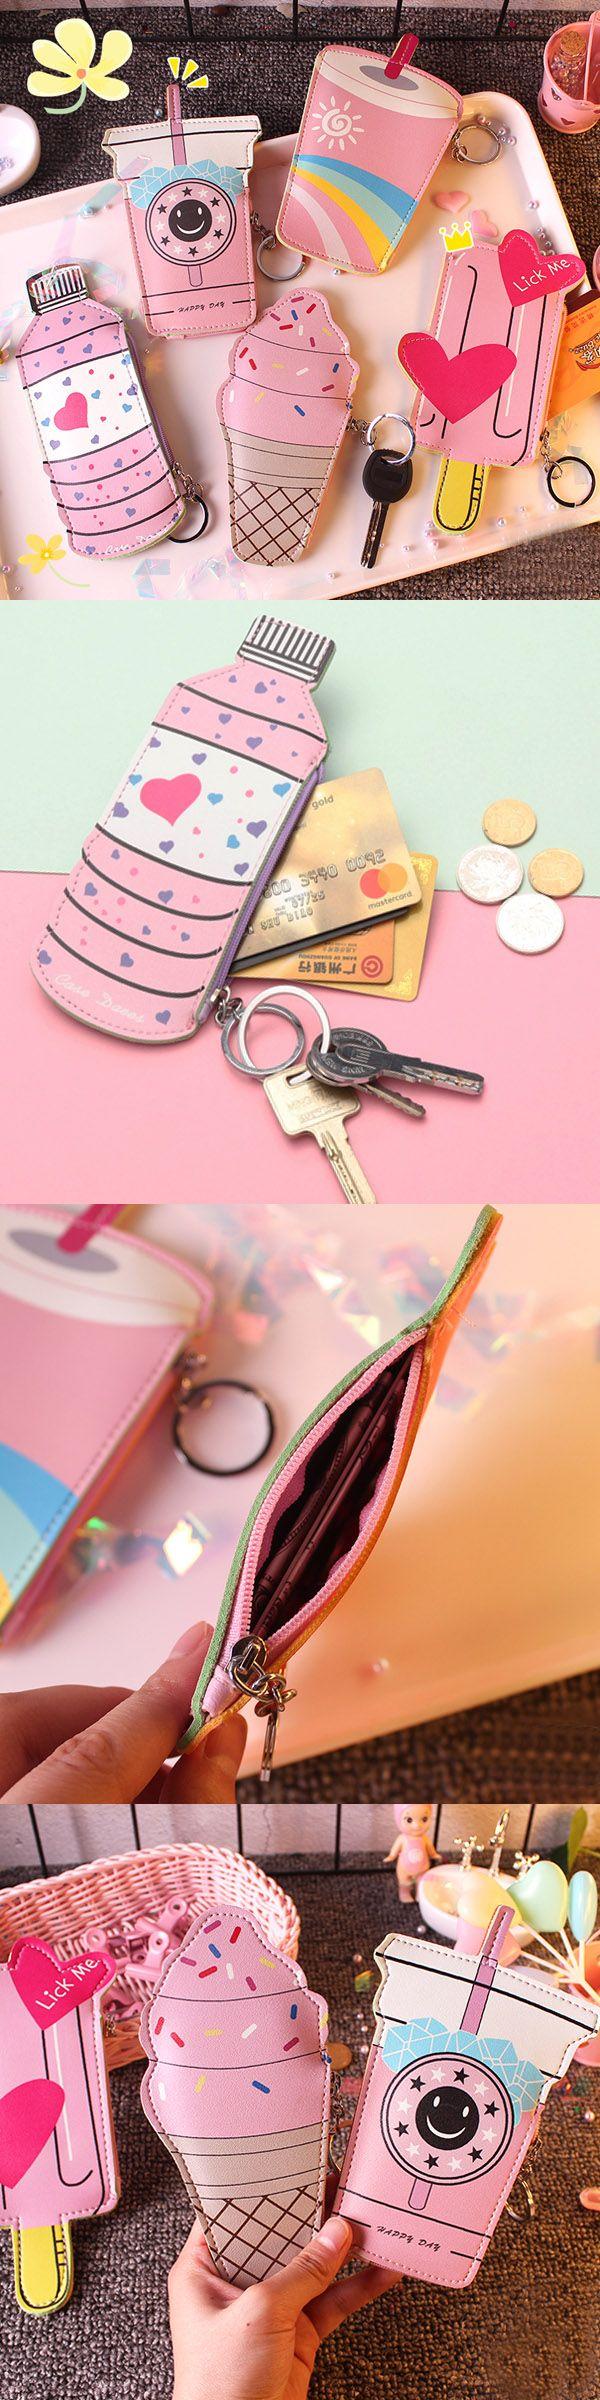 【 2 / US$11.50】Girls Cute Ice Cream Shape Coin Bag Milk Tea Key Bag Card Bags #CuteCoinwallets #PinkWallets  #CoinBags #KeyBags